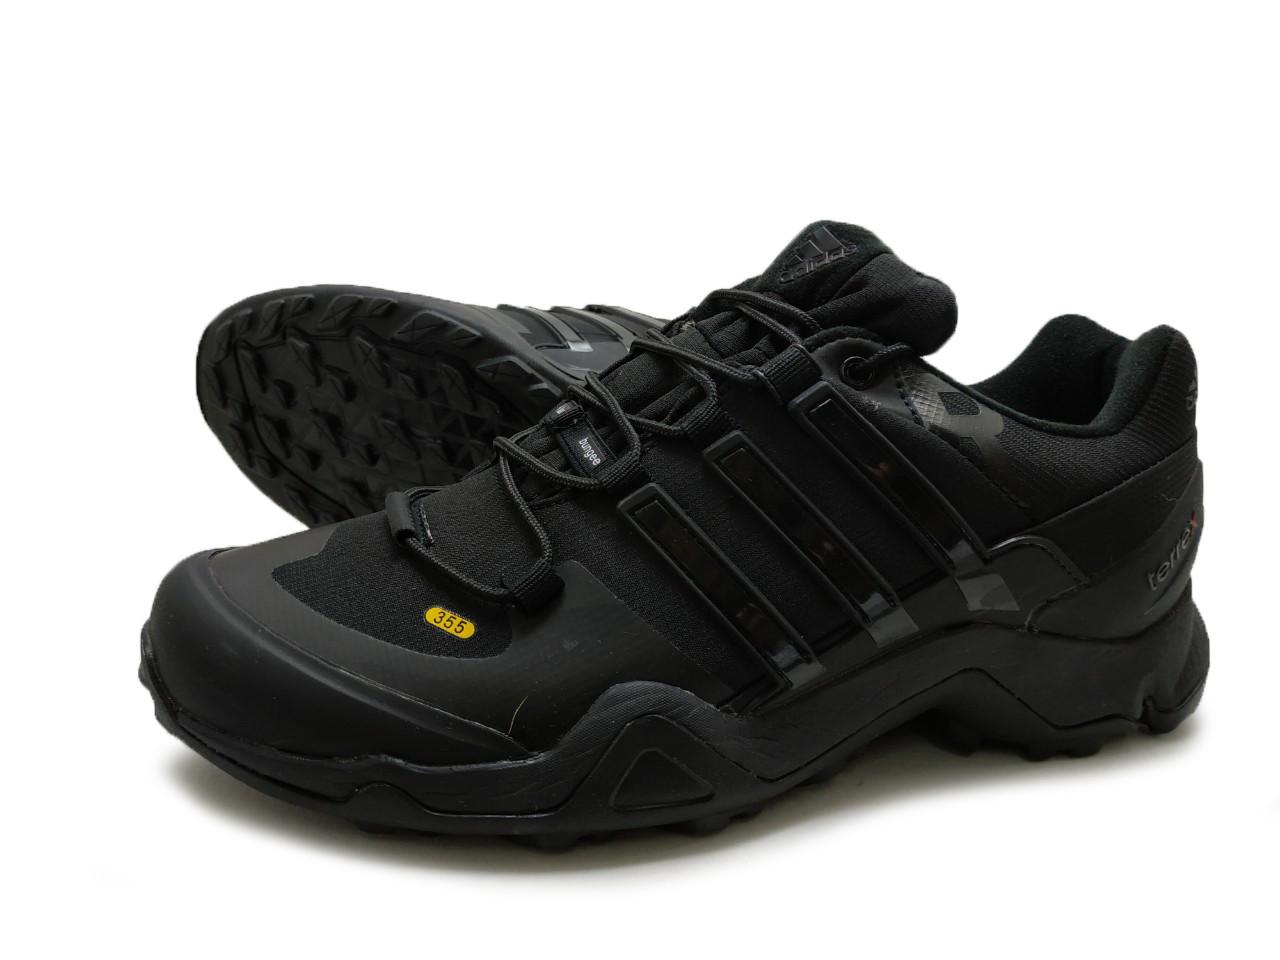 Кроссовки мужские Adidas Terrex 355 с влагозащитой для осенне-весеннего сезона